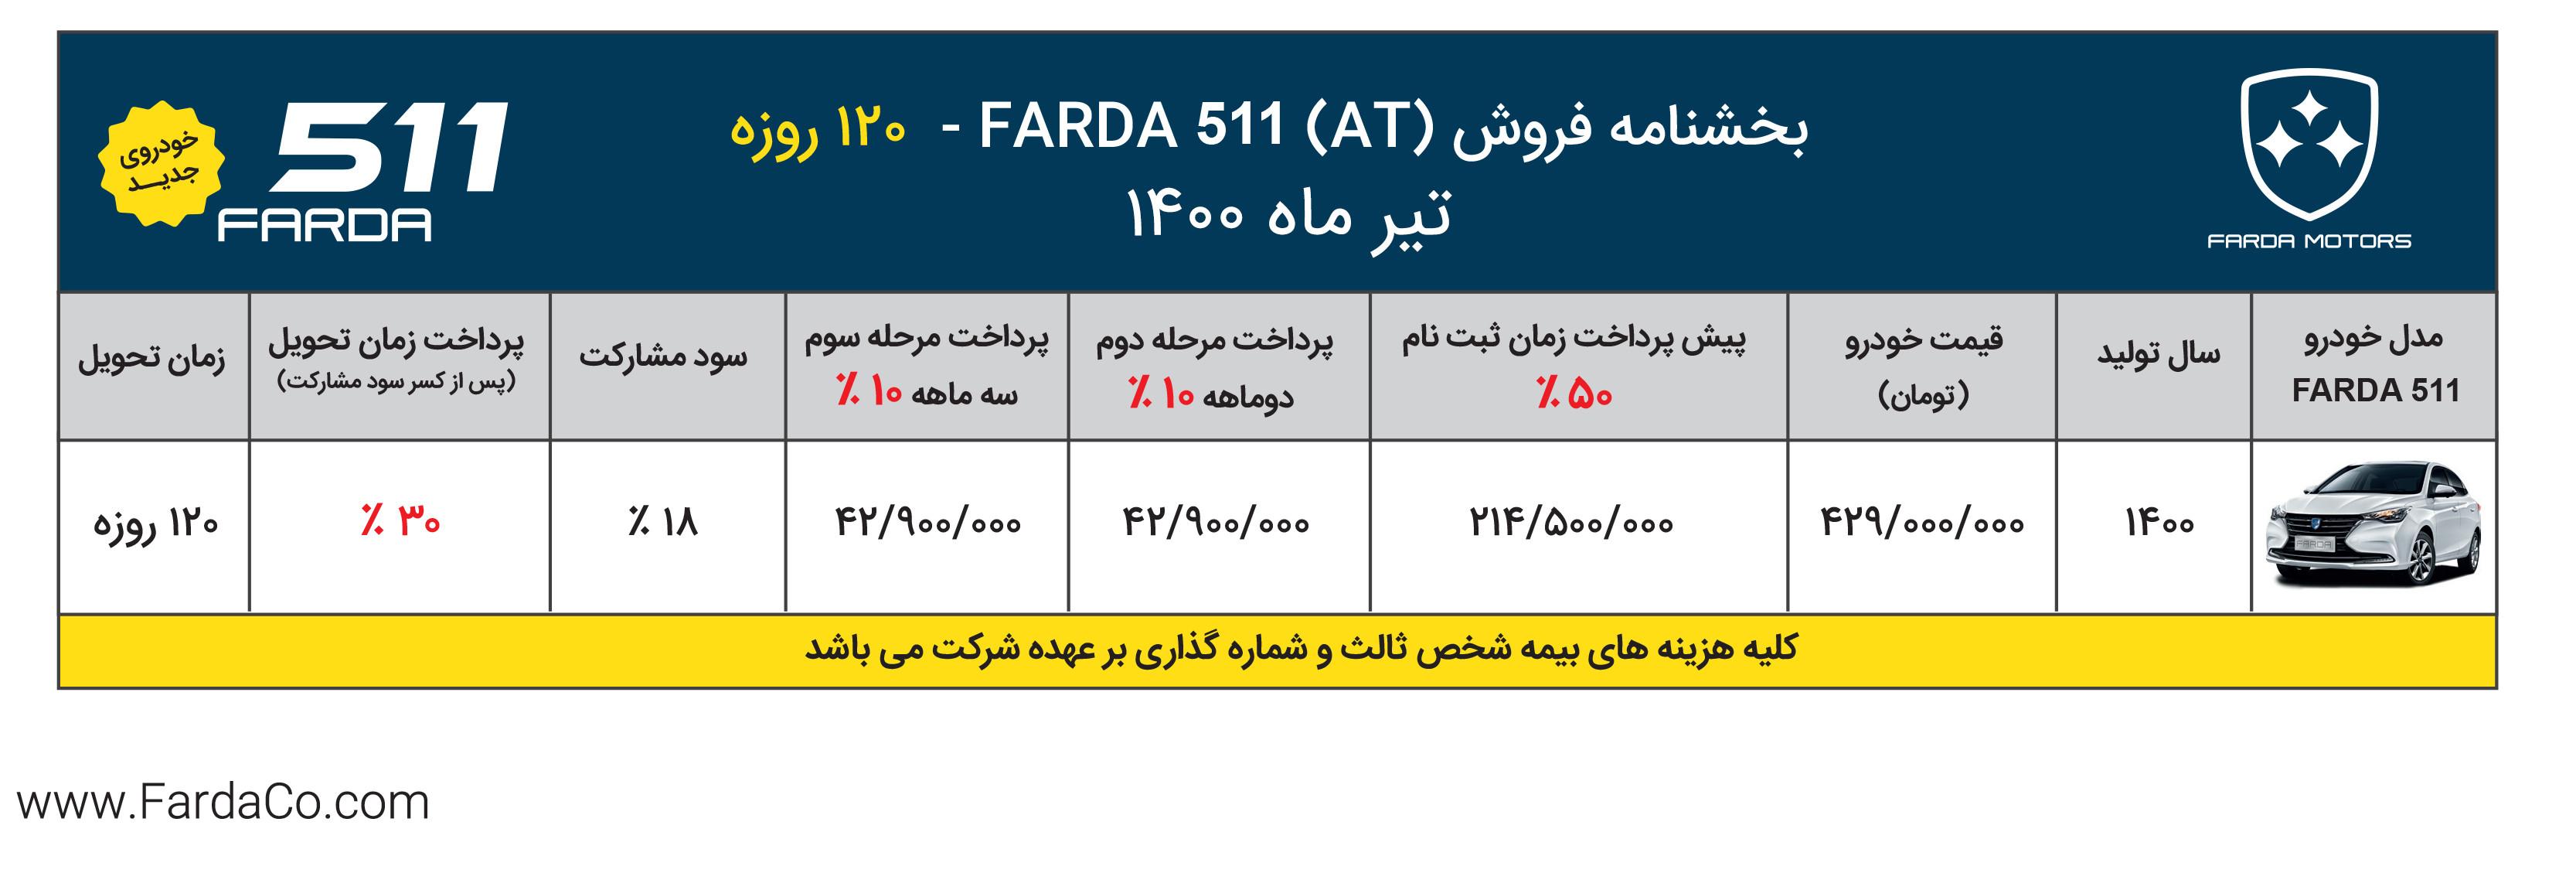 FMC-511-Sale-TIR-1400.jpg